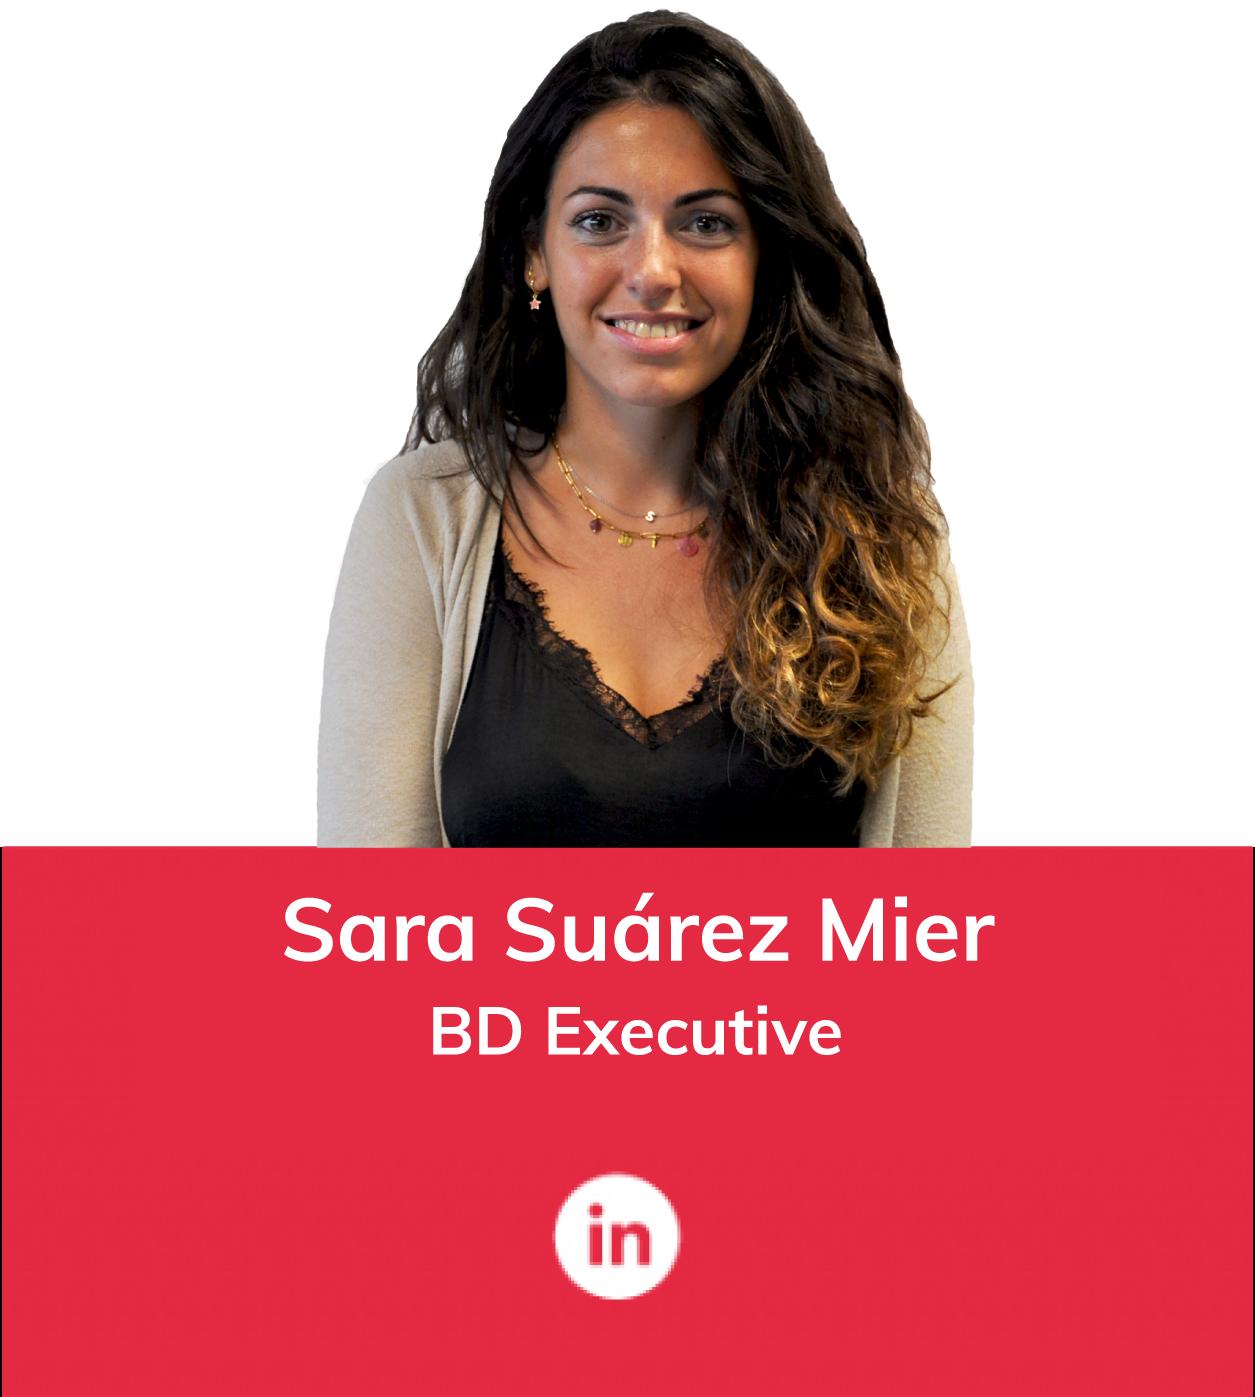 Sara Suárez